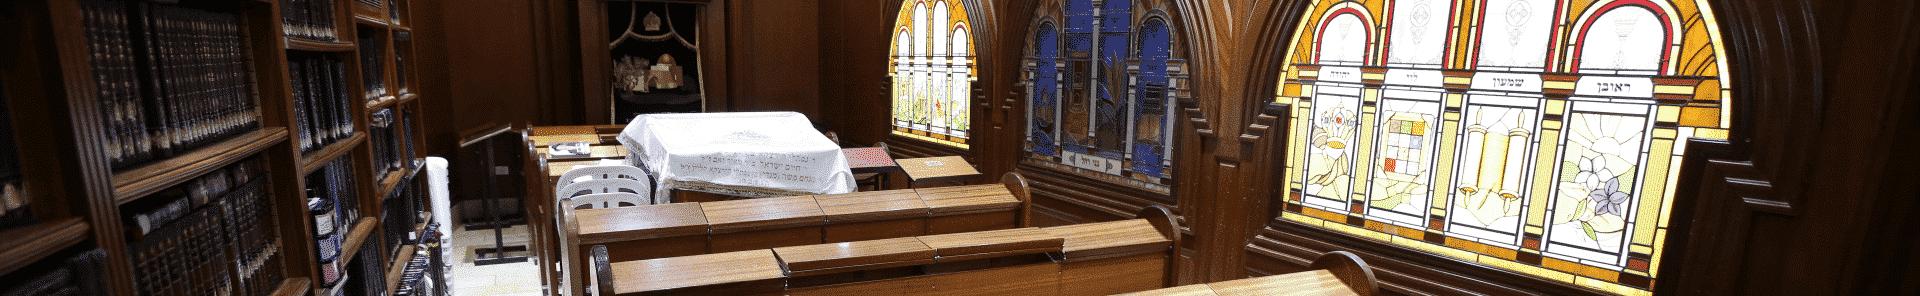 דרושים במרכז המקומות הקדושים